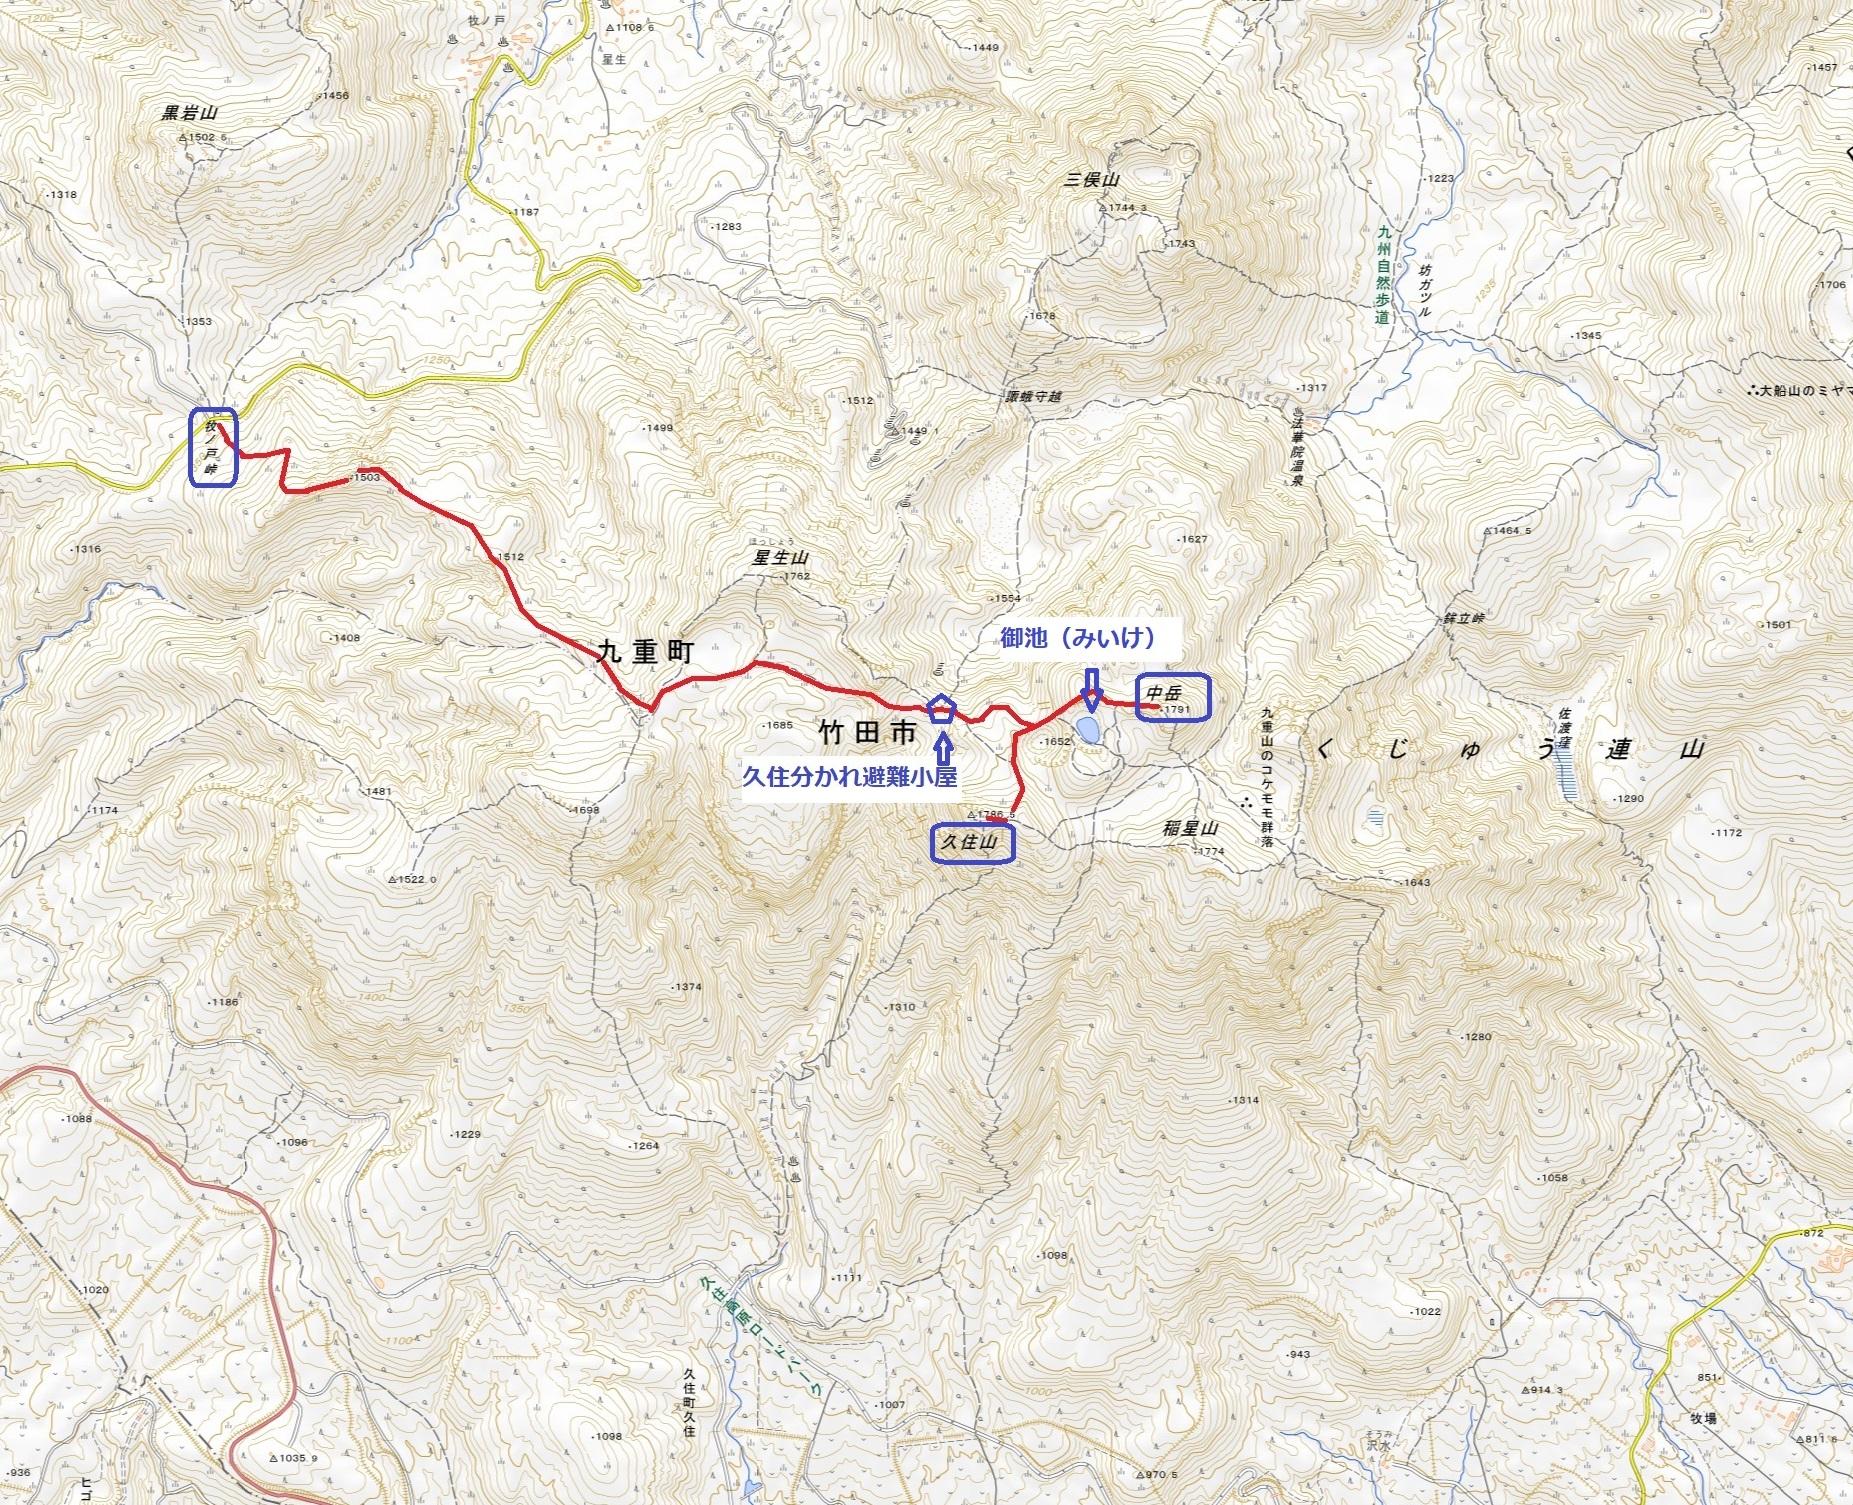 久住山登山ルート 牧ノ戸から中岳、久住山コース